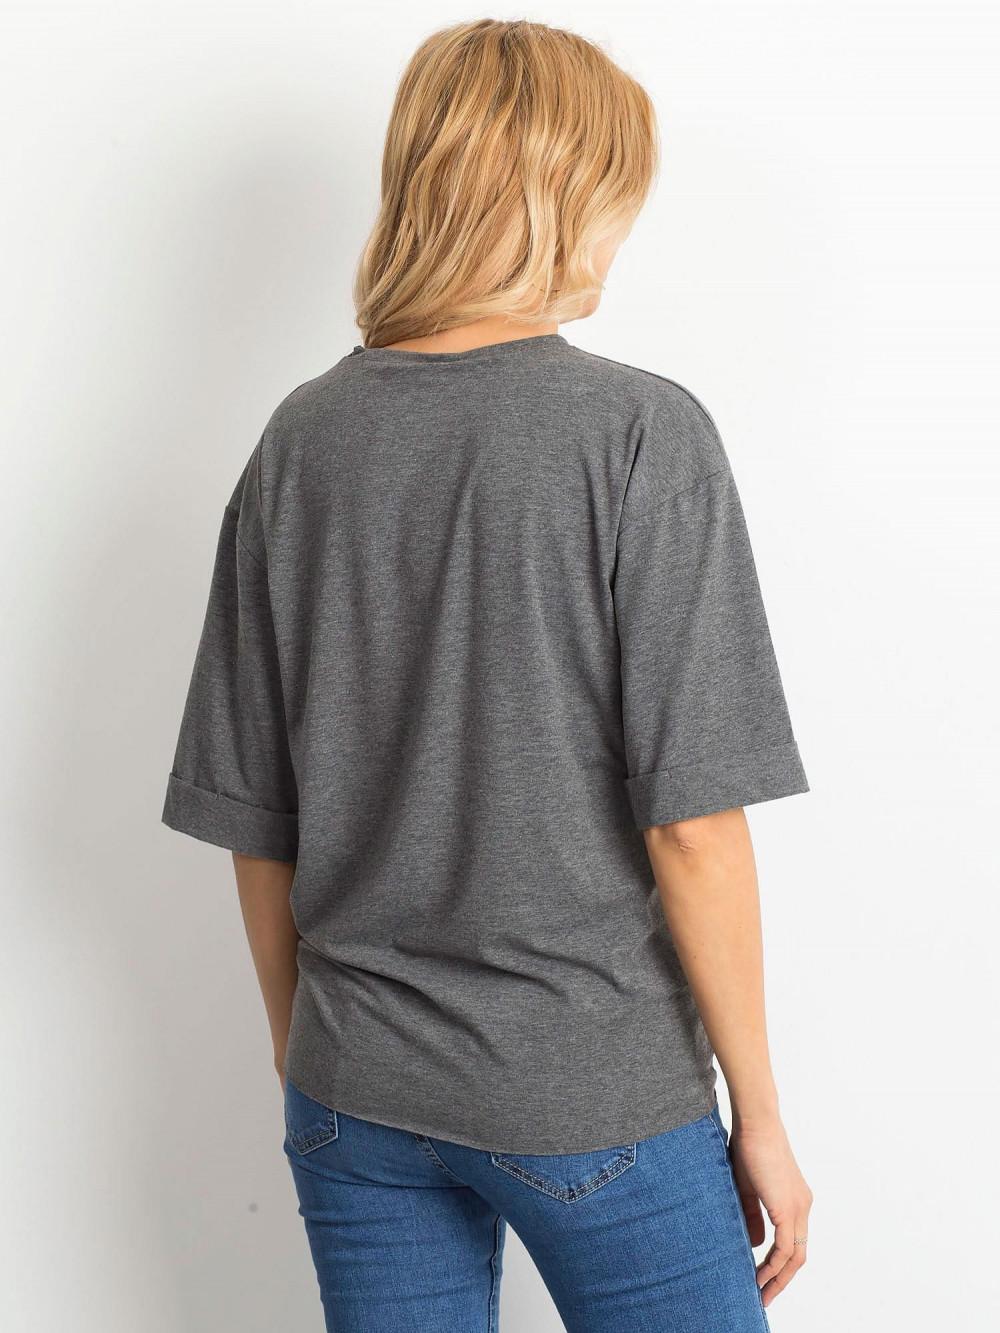 Ciemnoszary melanżowy oversizeowy t-shirt Gimmie 4